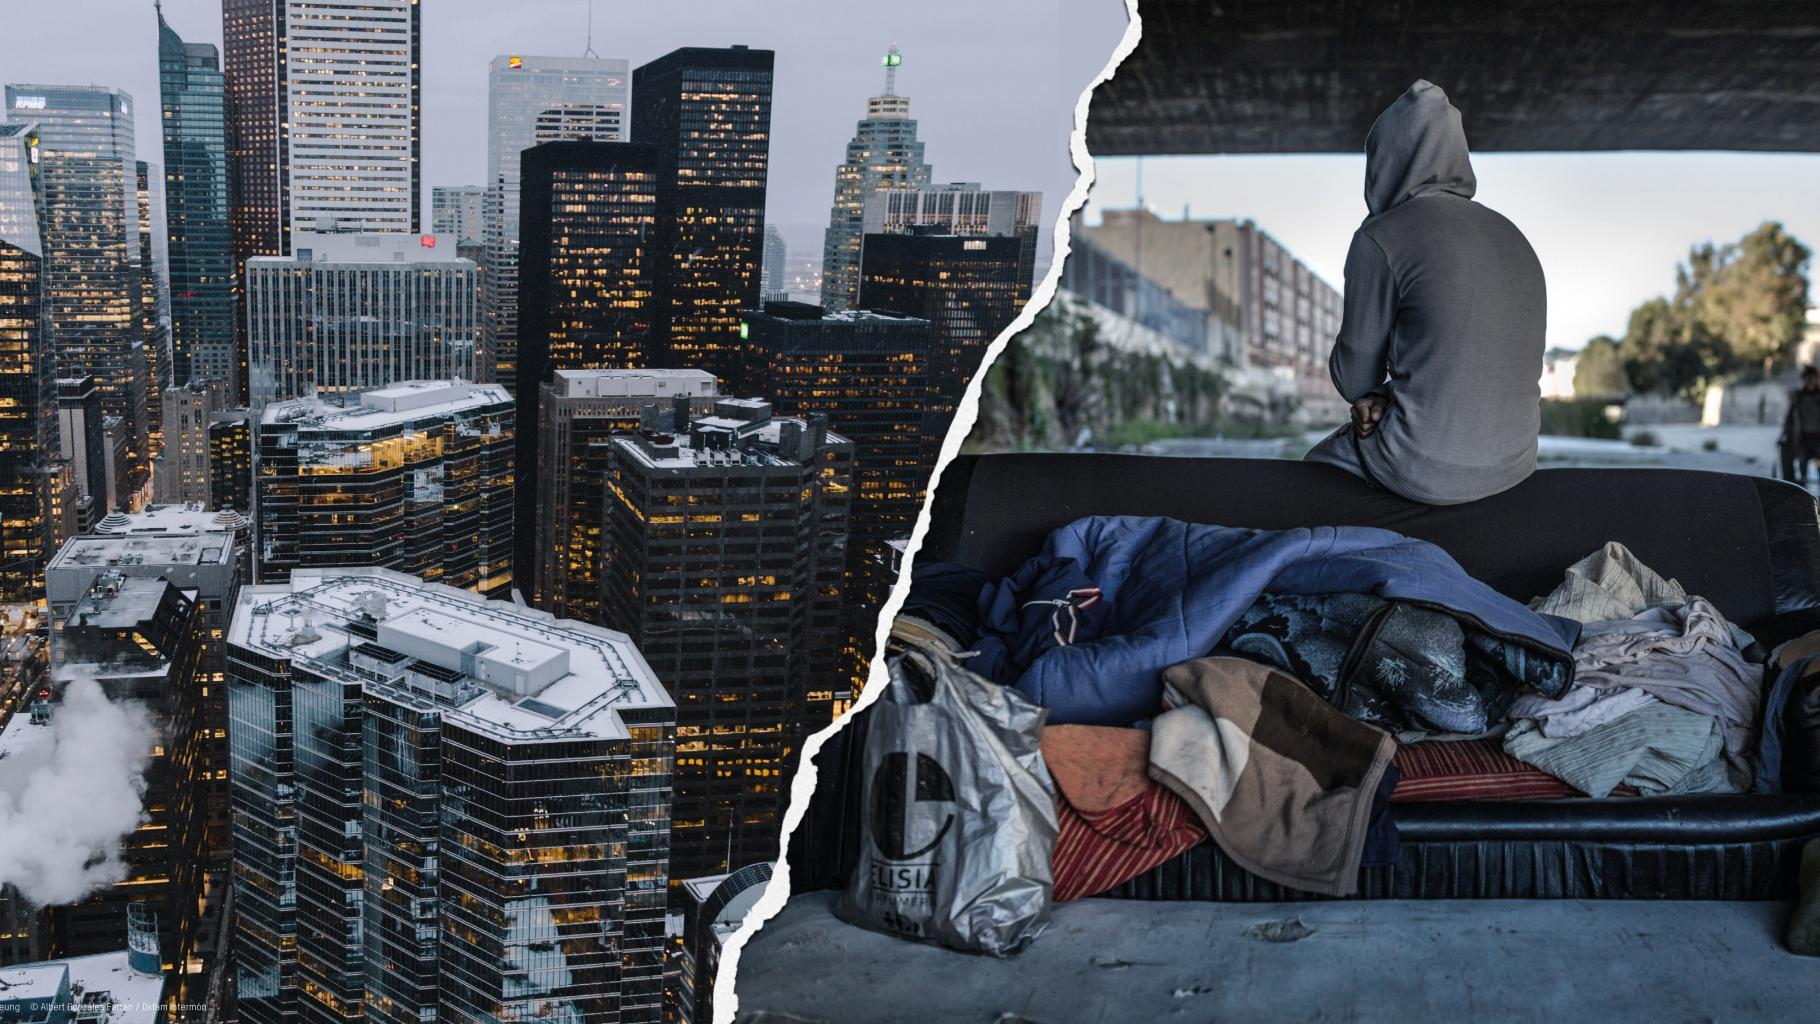 Wolkenkratzer eines Bankenviertels und Obdachlosigkeit unter einer Brücke